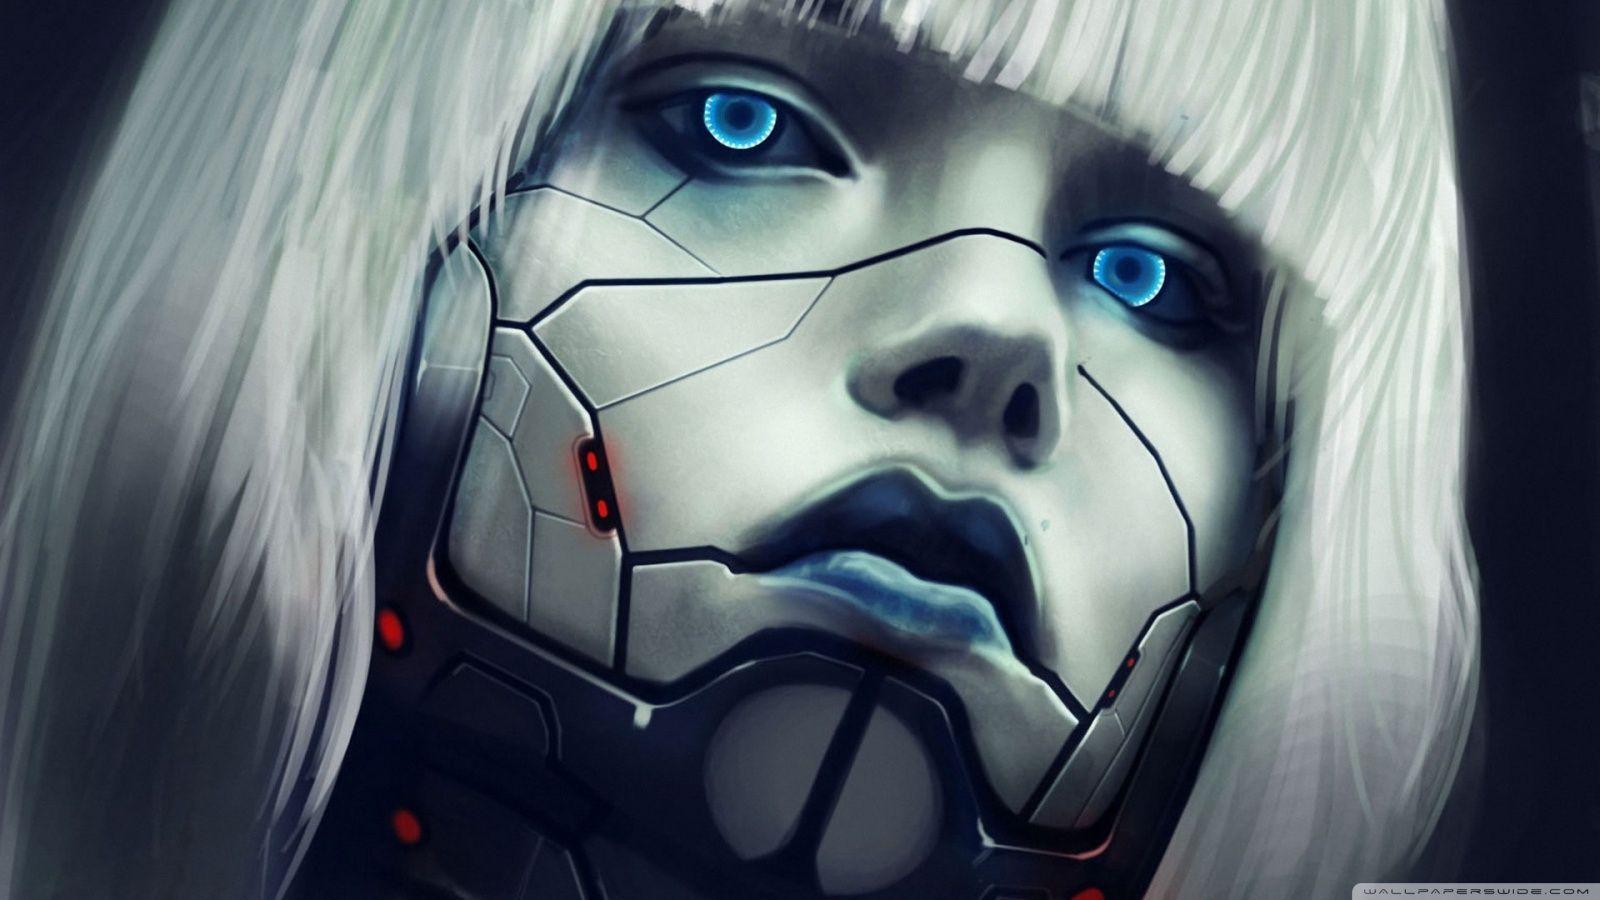 Robot Face Hd Desktop Wallpaper High Definition Mobile Cyberpunk Art Cyborg Girl Cyberpunk